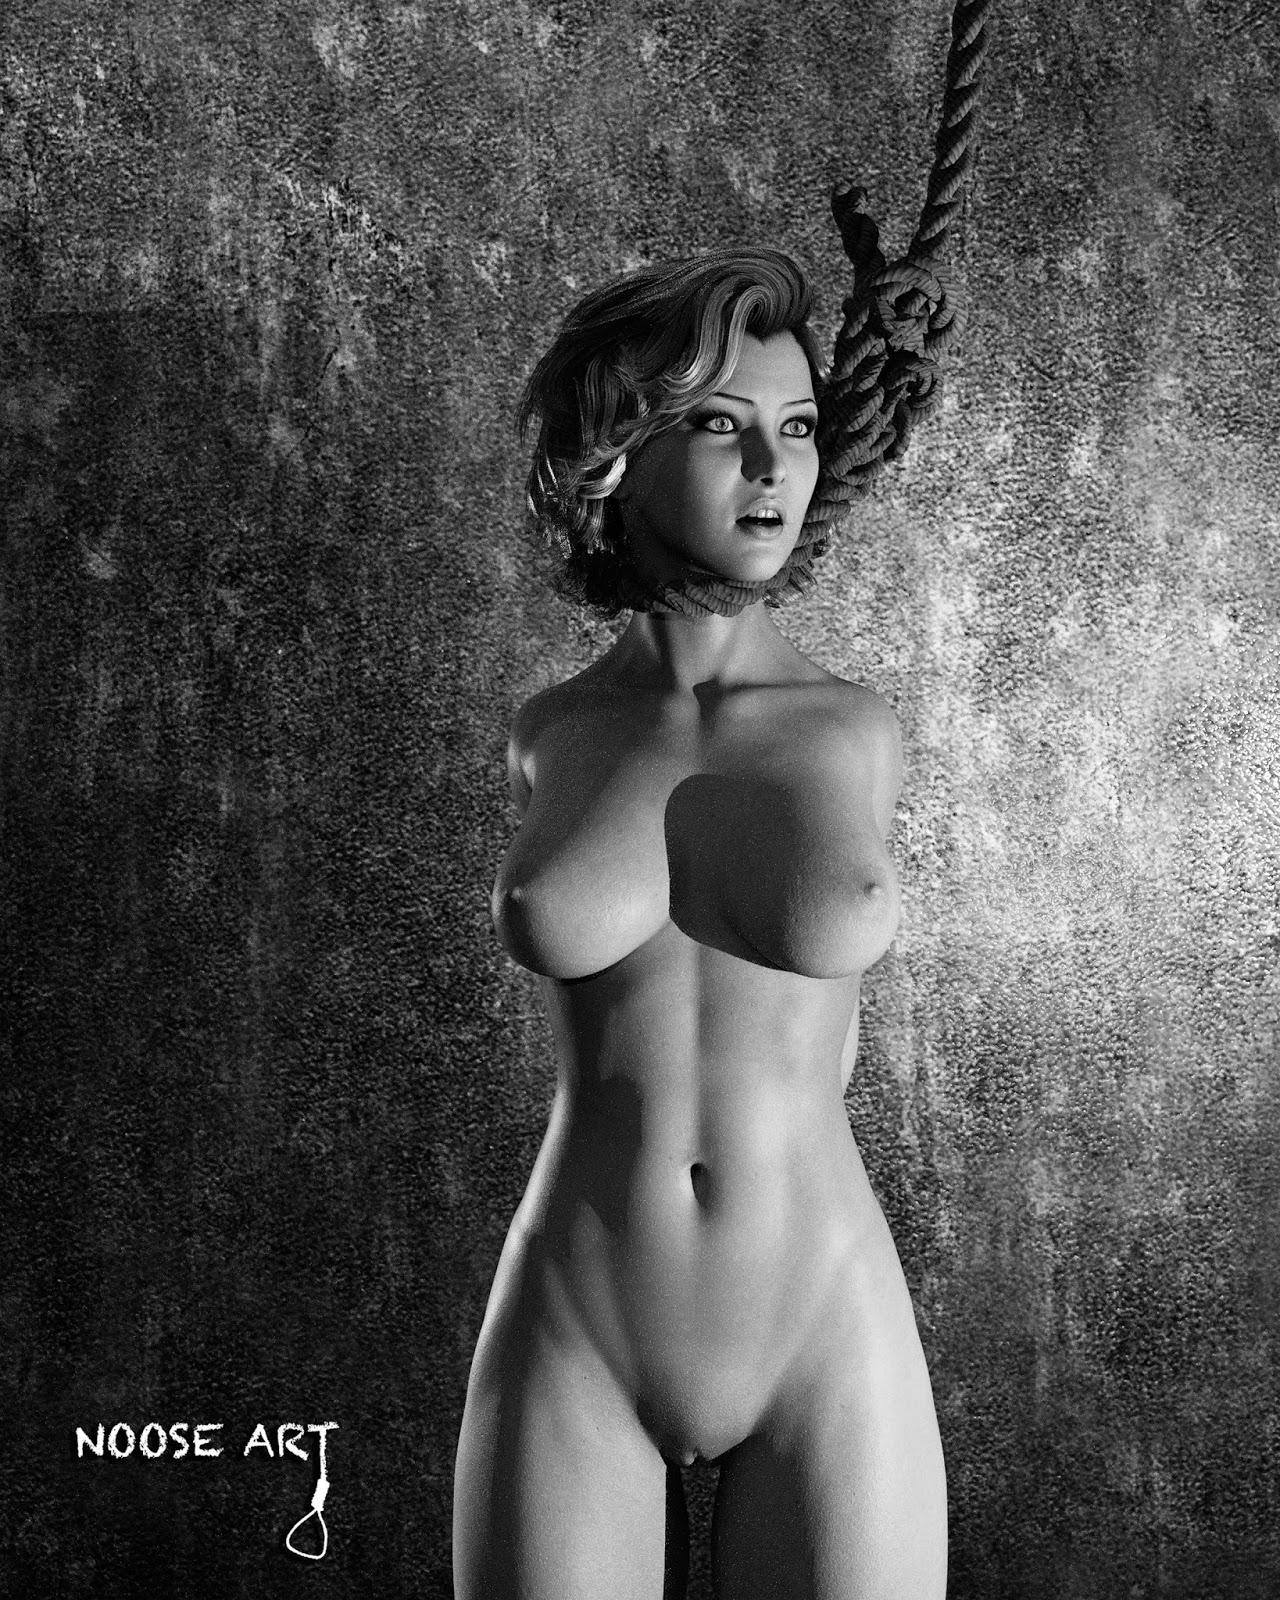 Nude Girls Shooting